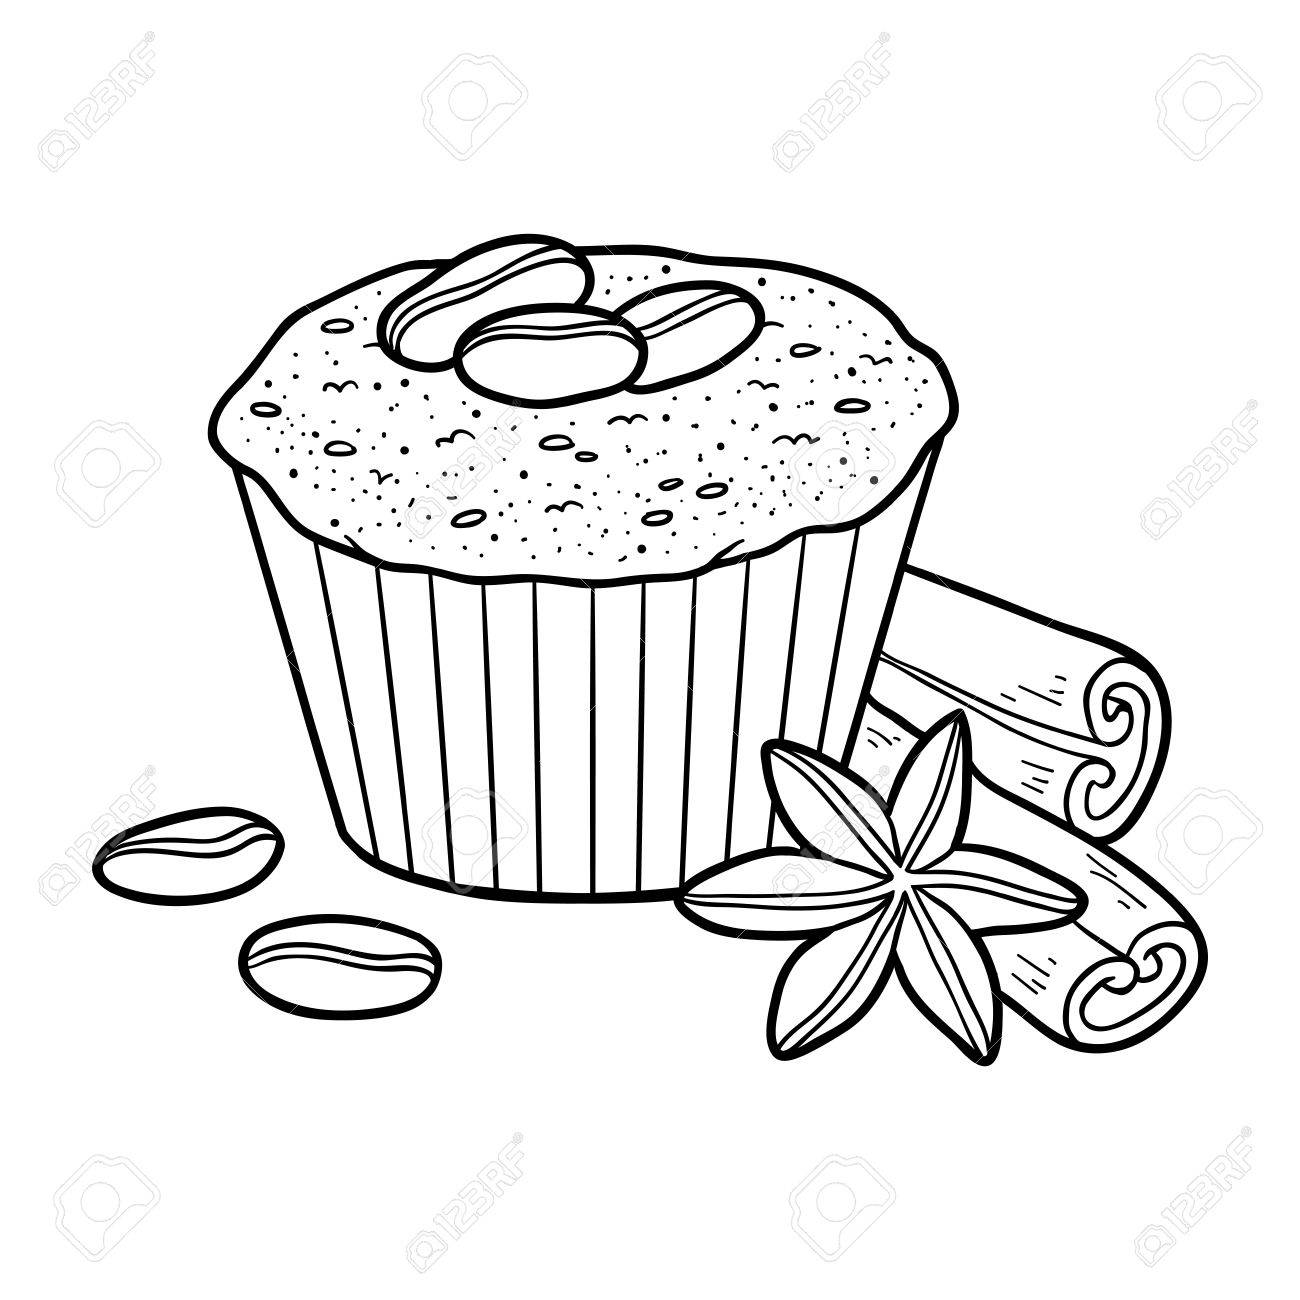 コーヒー豆とケーキをベクトル子どもの塗り絵のイラスト素材ベクタ